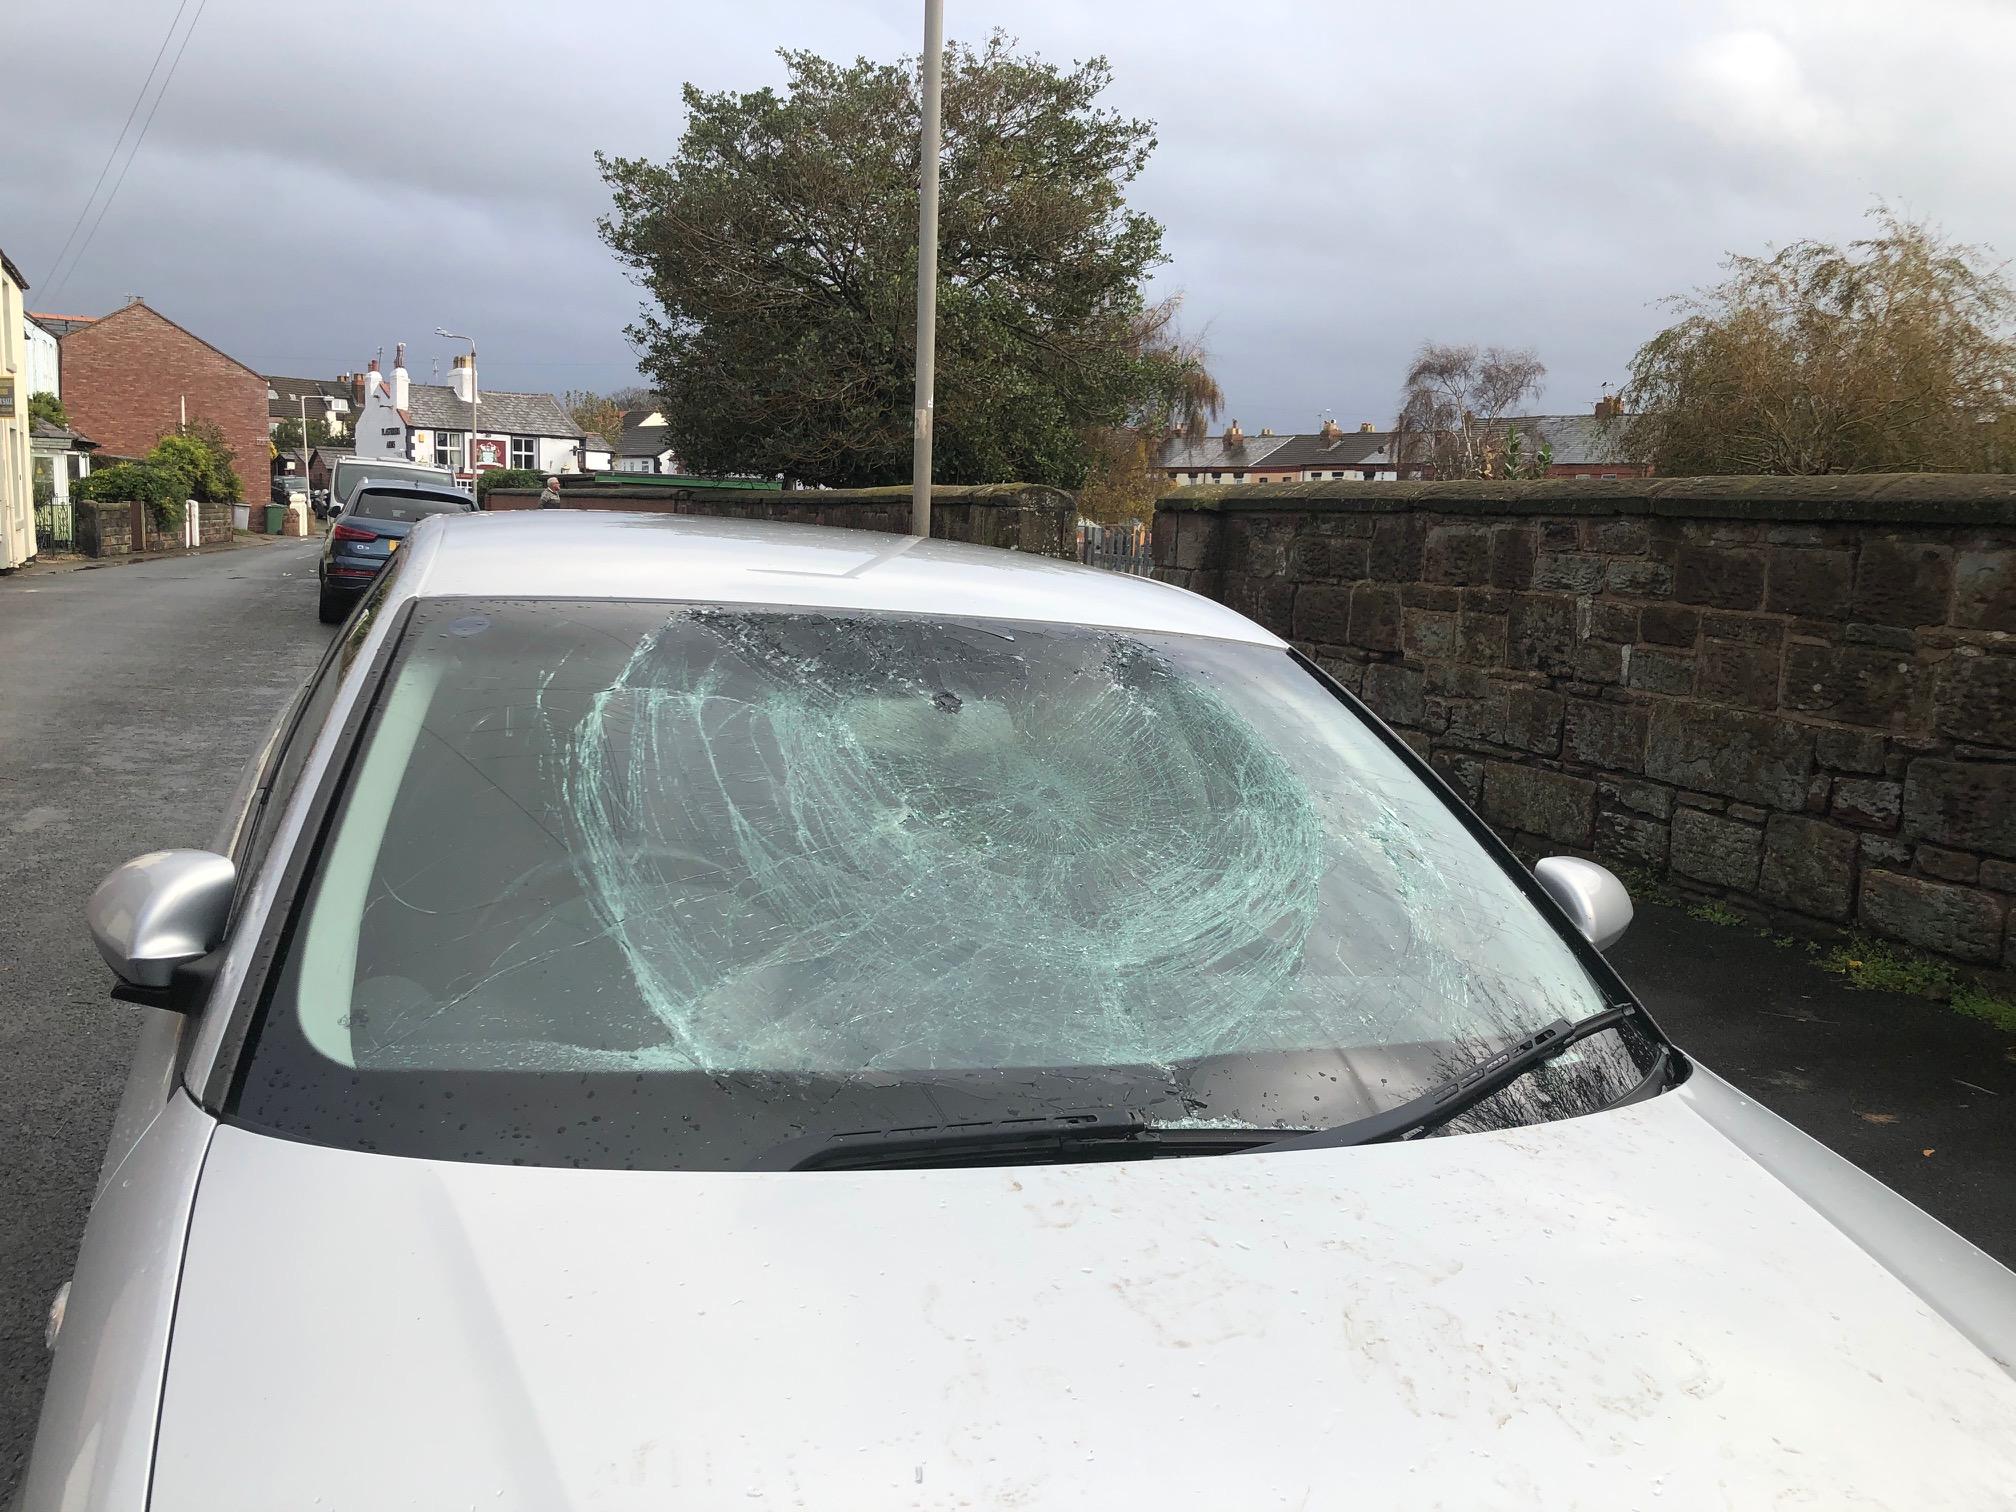 Several cars were vandalised last night.